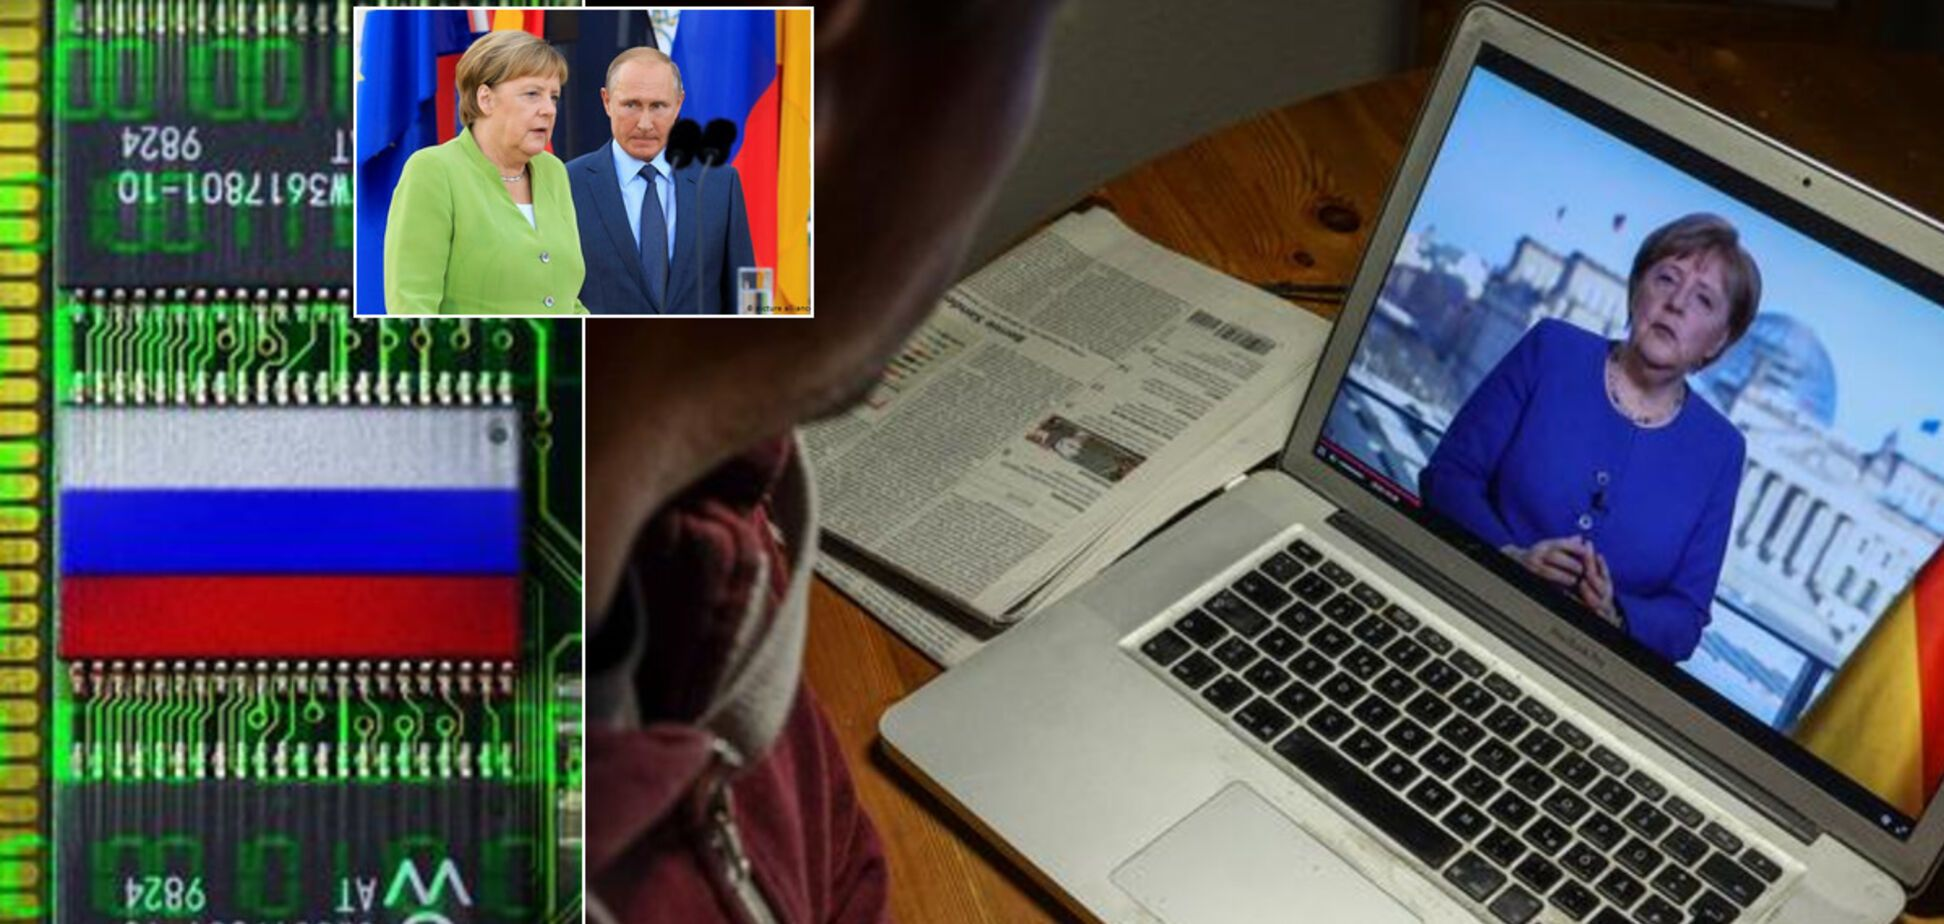 'Больно осознавать': Меркель заявила, что имеет веские доказательства взлома её почты Россией